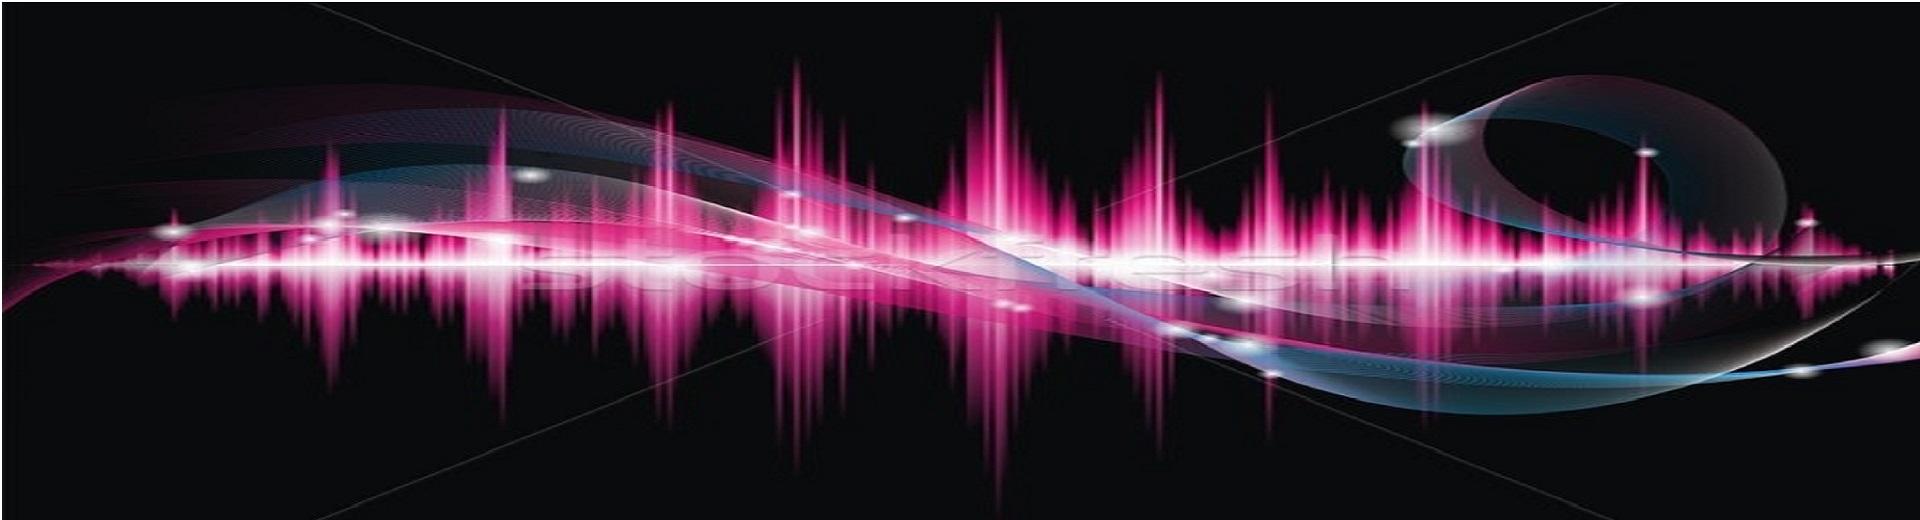 Портал КФУ \ Образование \ Институт физики \ Институт физики \ Кафедры \ Кафедра радиофизики \ Магистерская программа